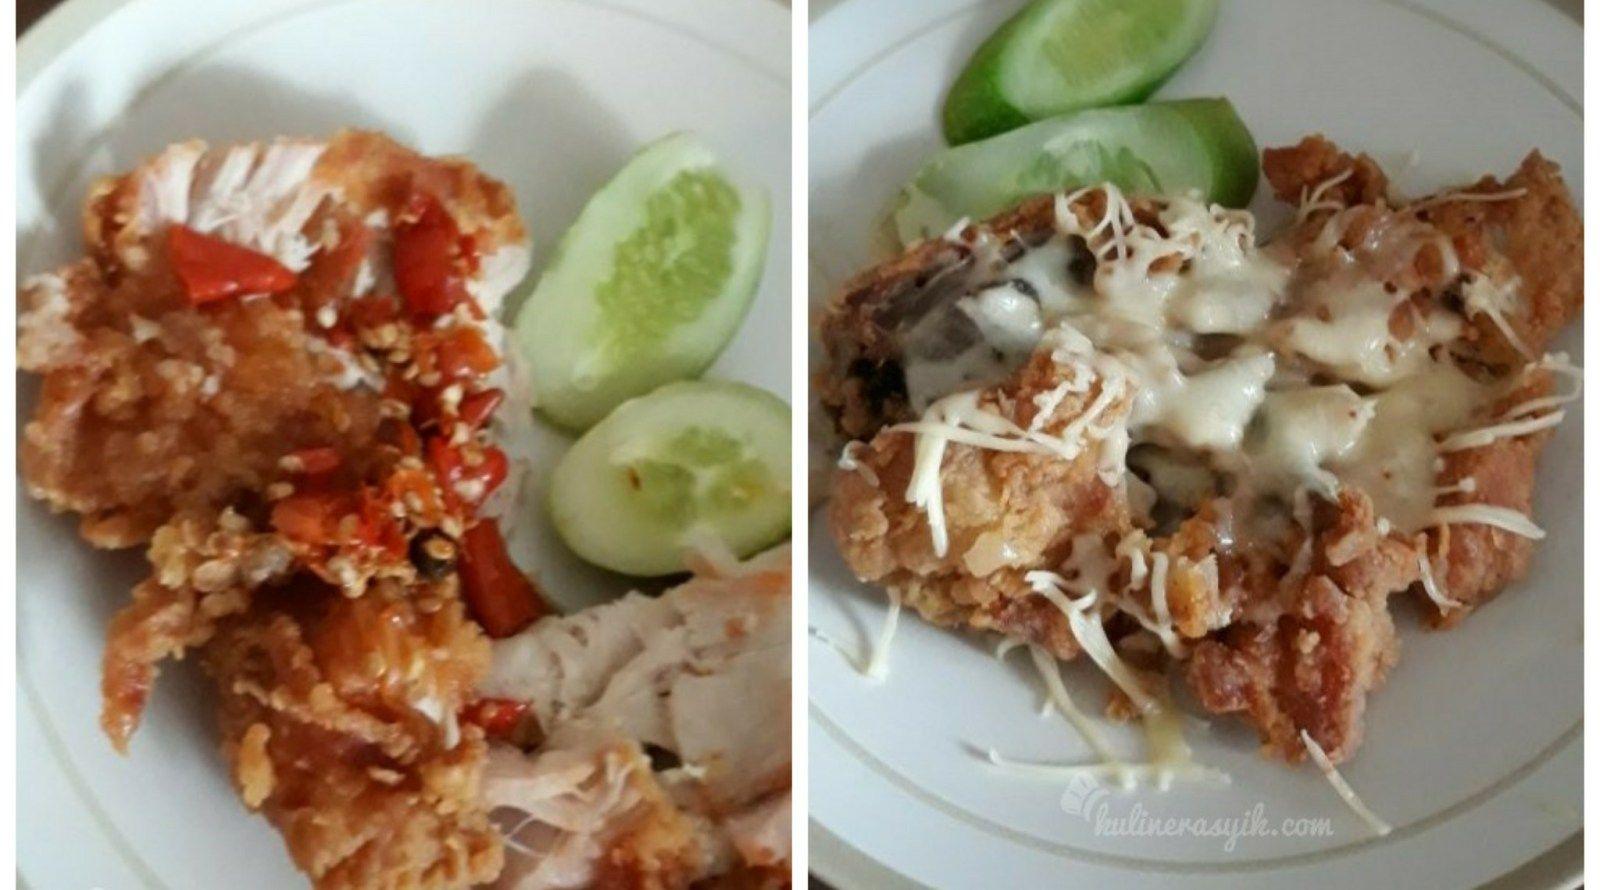 Geprek Bensu Hadirkan Menu Geprek Kekinian Yang Beda Kuliner Asyik Makanan Makanan Minuman Ayam